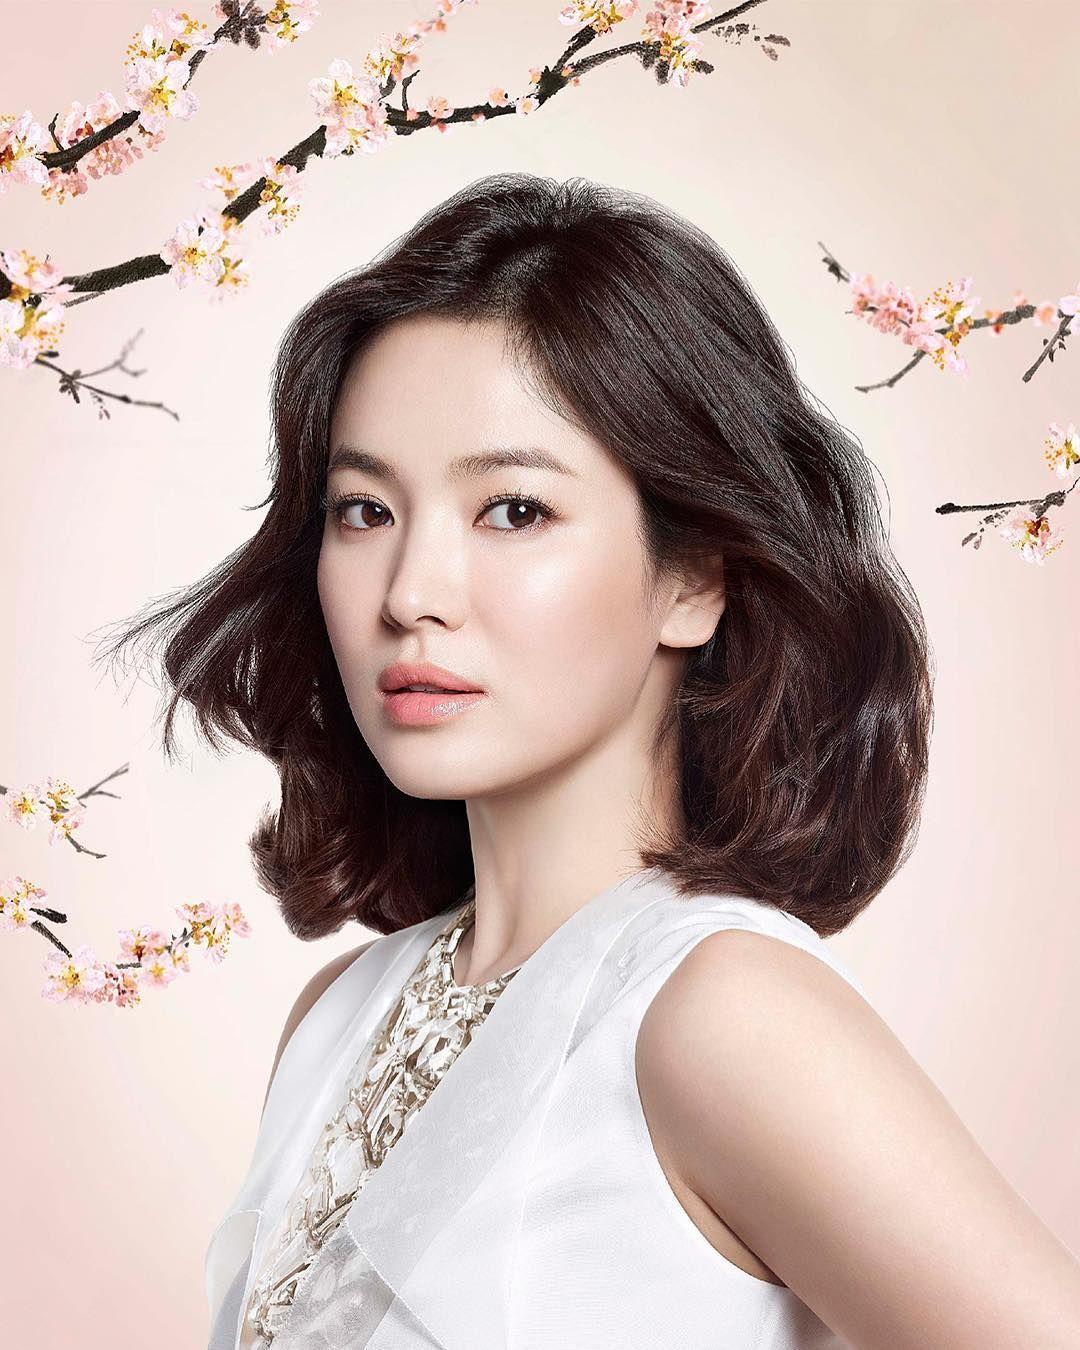 место для актрисы южной кореи фото имена год